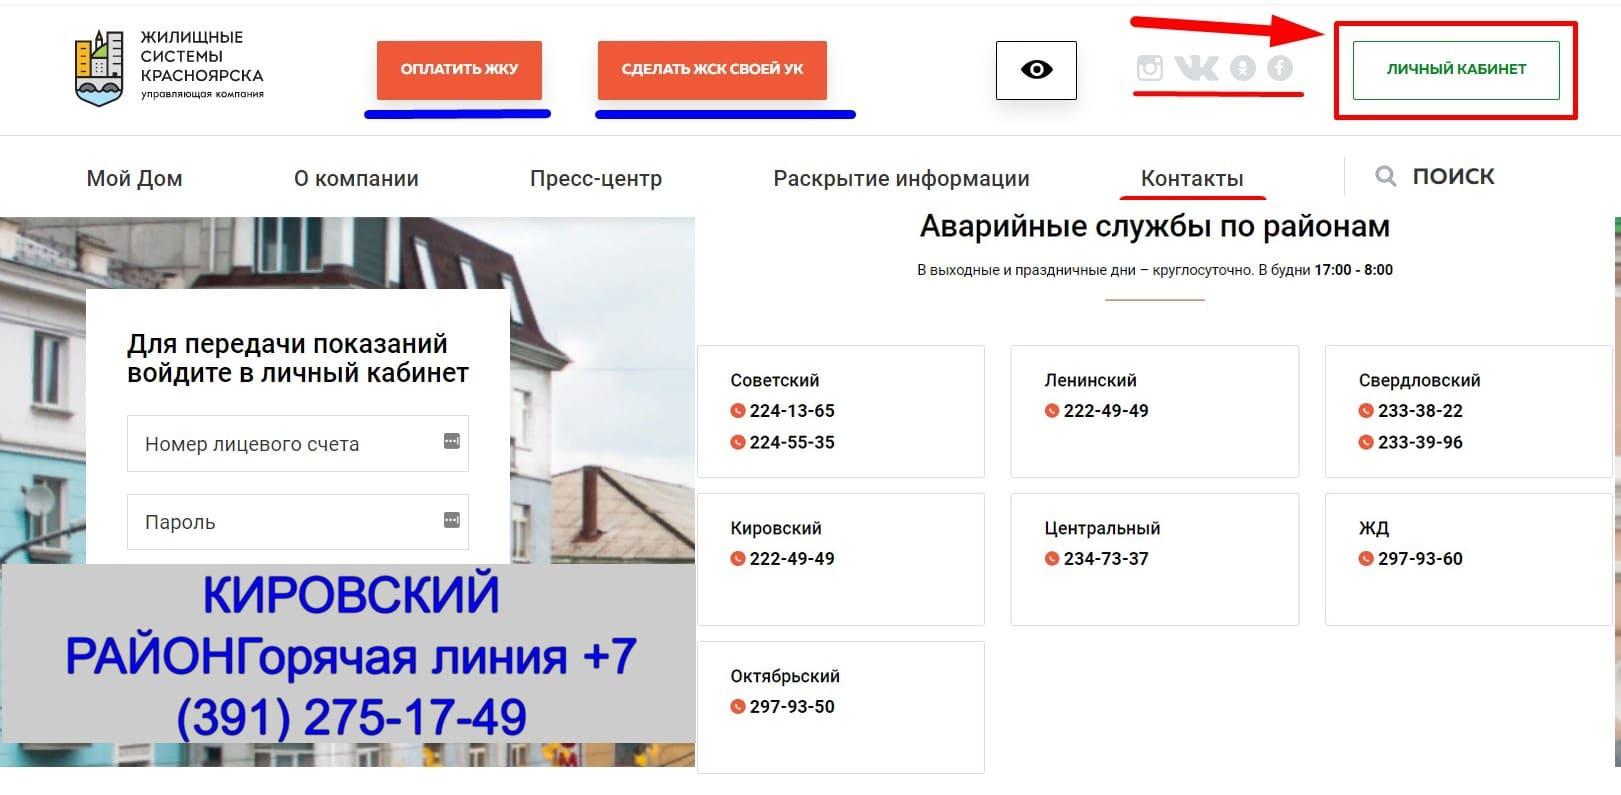 Жилфонд Красноярск личный кабинет